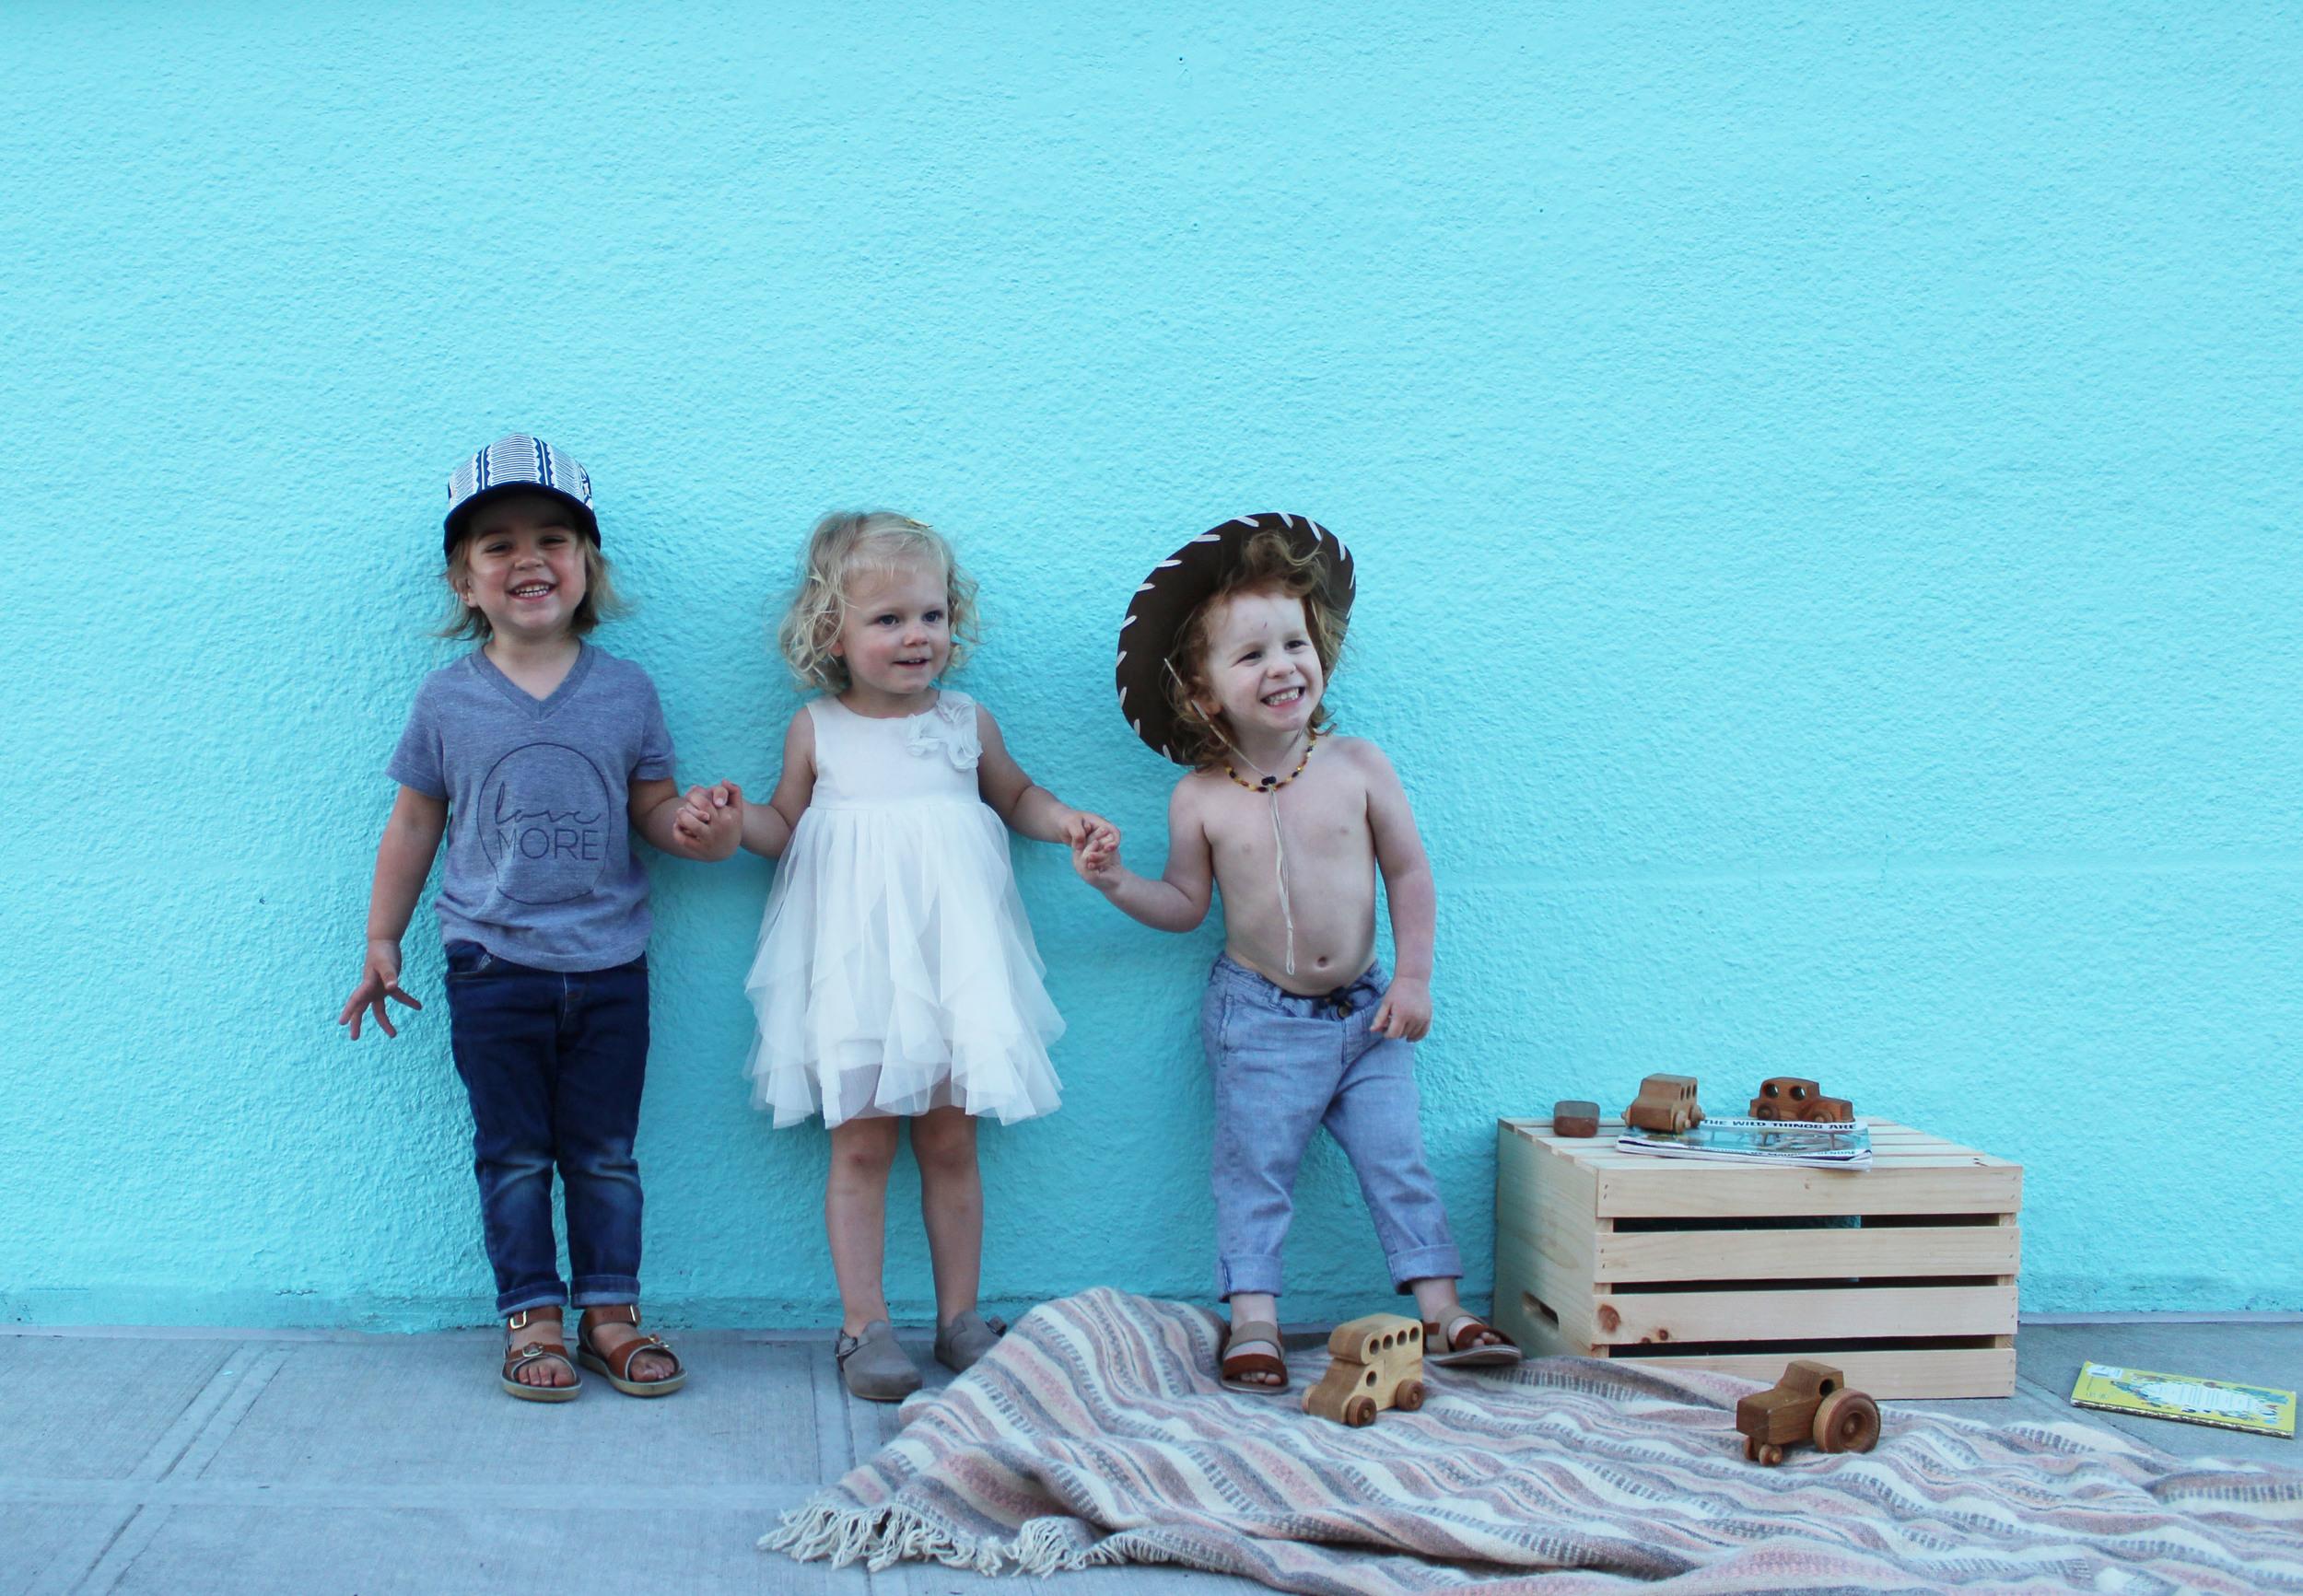 cutie pie kiddos hood river.jpg